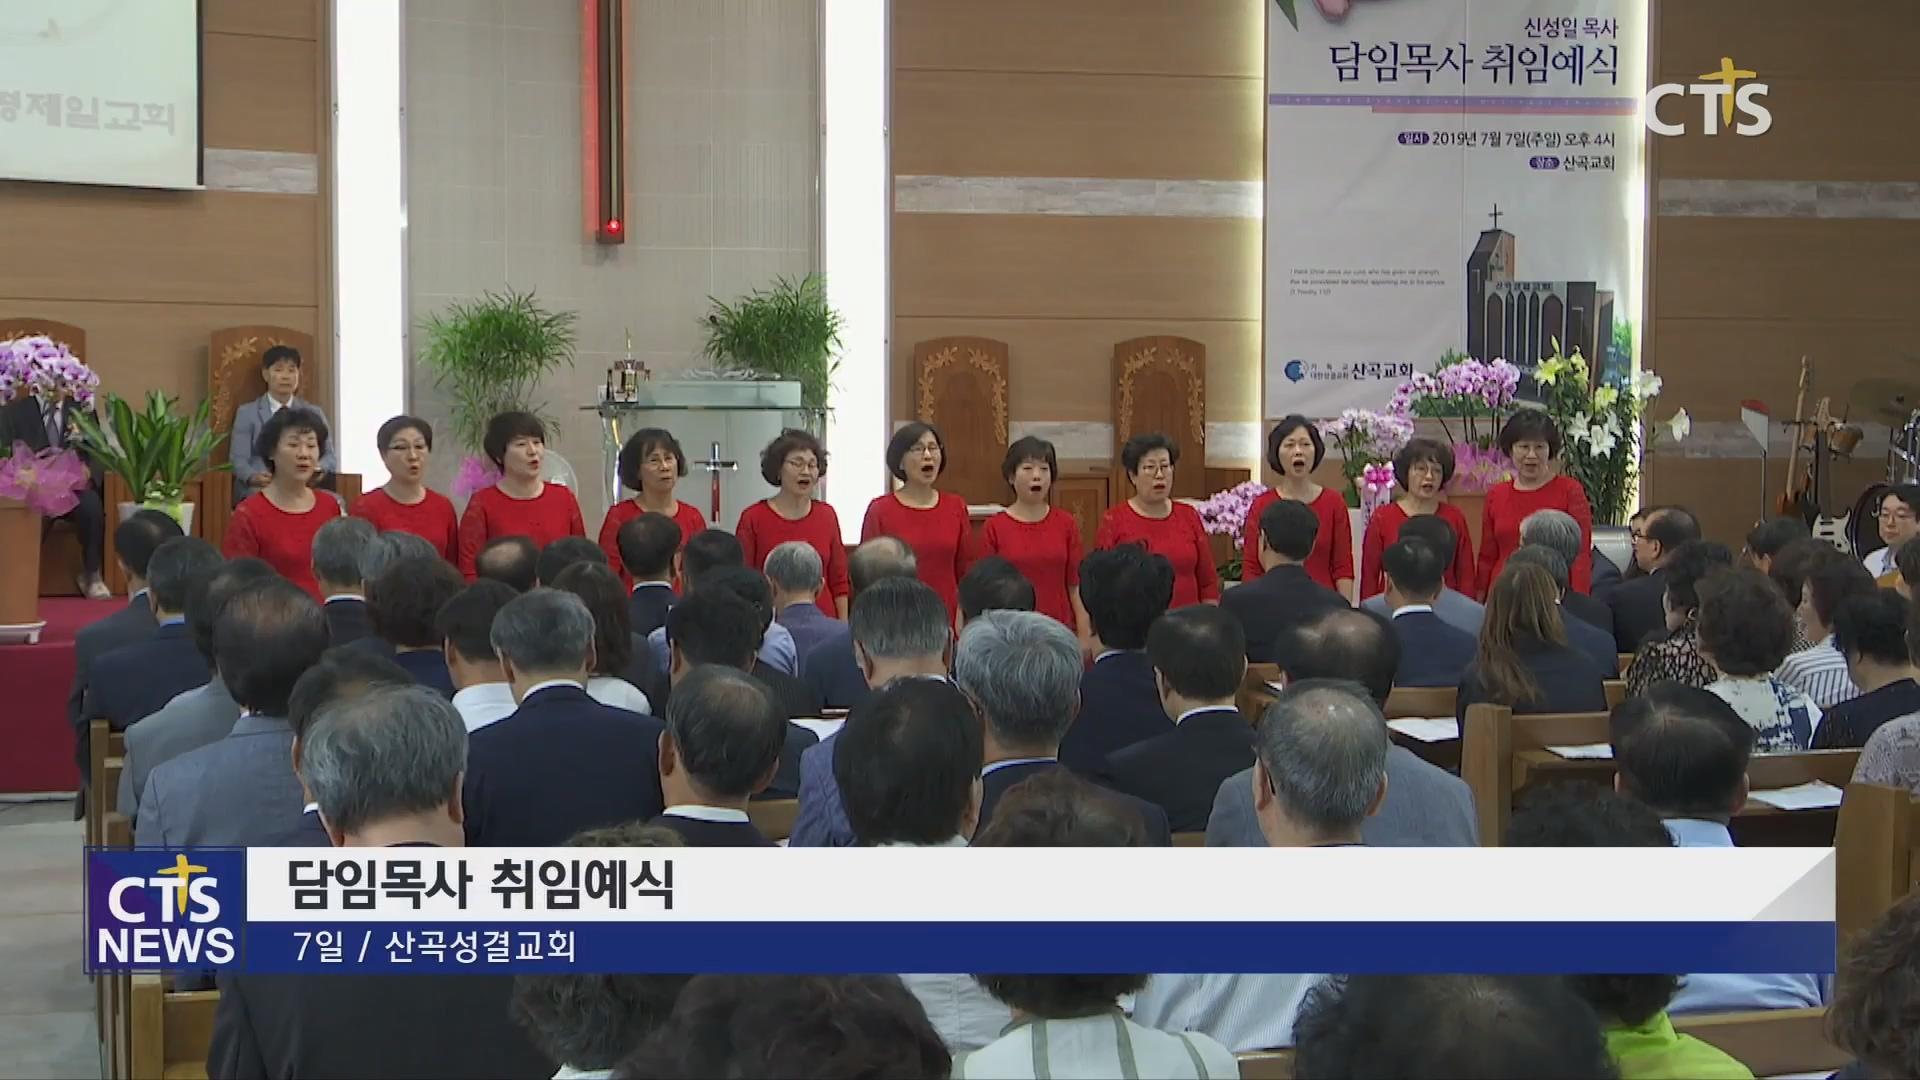 산곡성결교회, 담임목사 취임예식